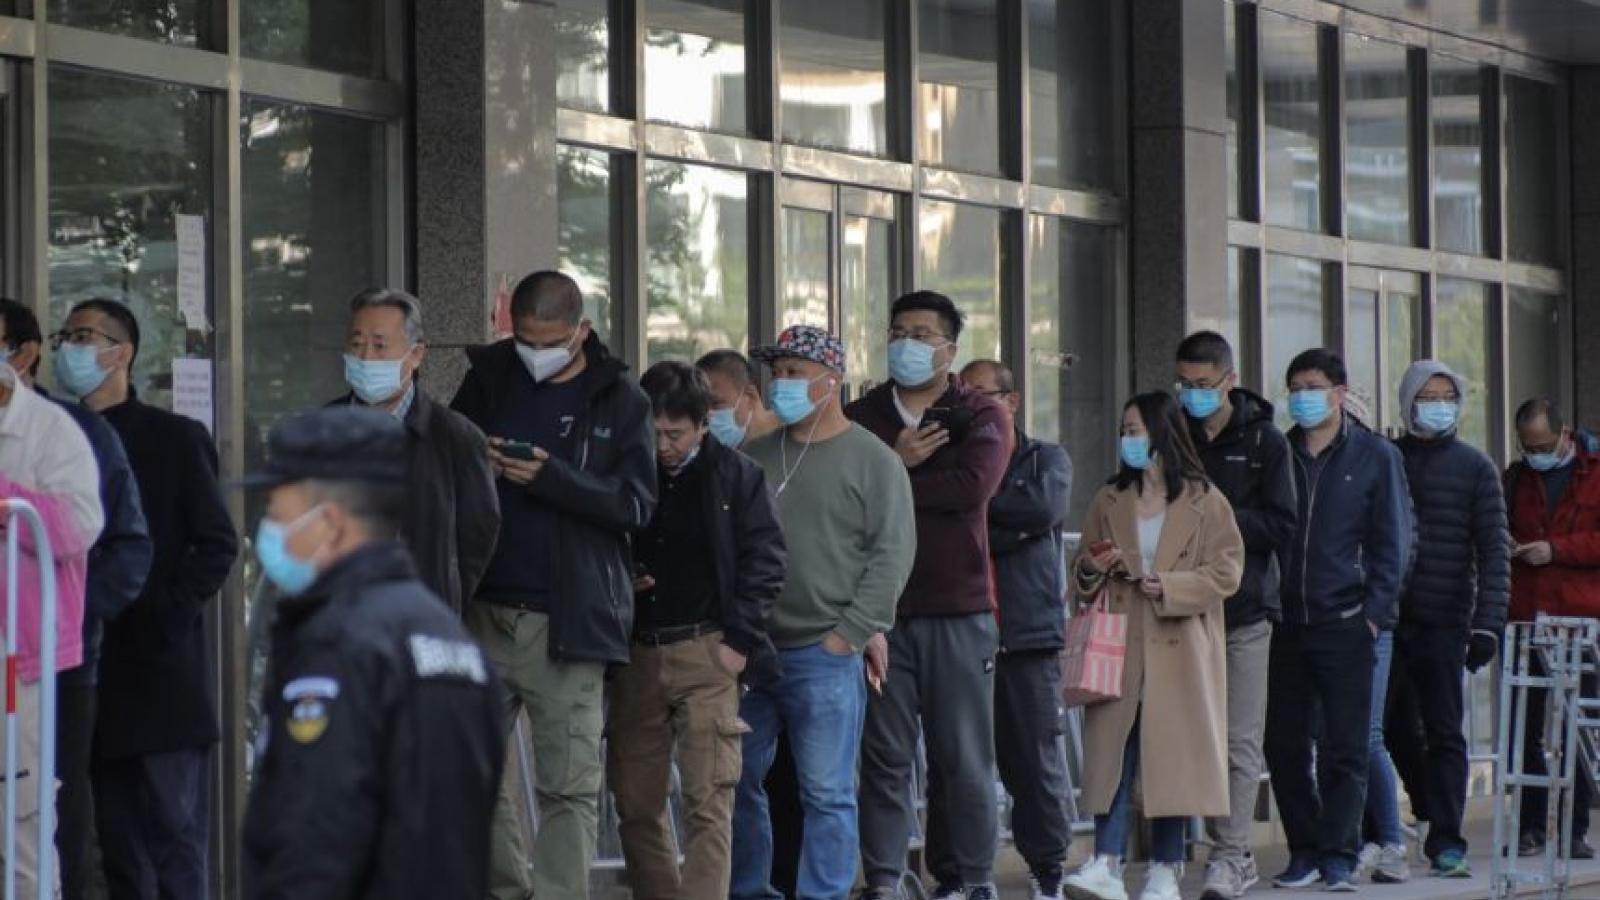 Dịch Covid-19 ở Trung Quốc sẽ tồi tệ hơn và lan rộng hơn trong những ngày tới